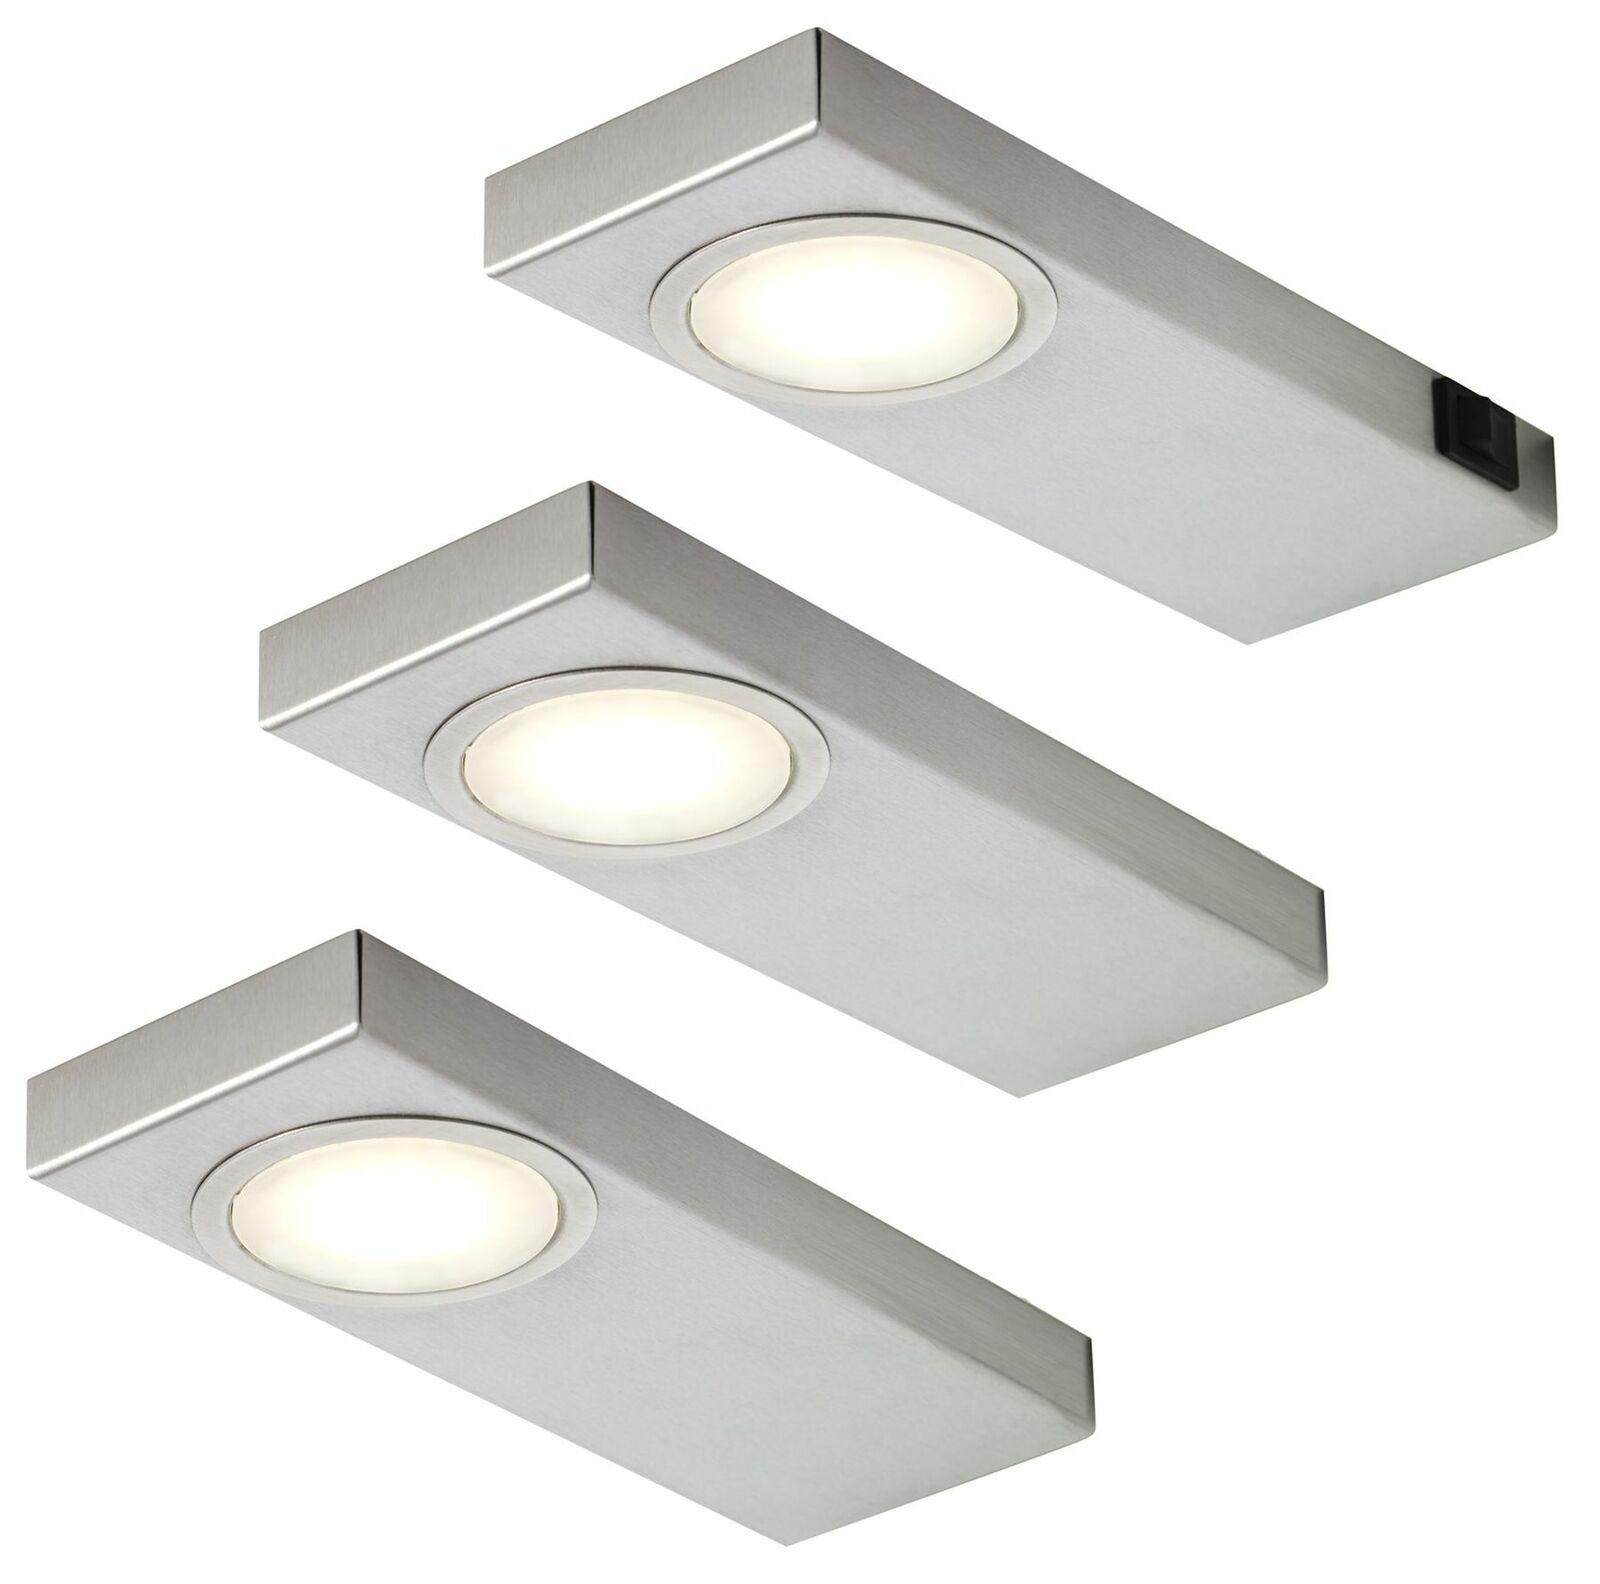 LED Küchen Unterbauleuchte 19x19, 19 W Edelstahl 19-er Set Unterbaulampen  *1949290